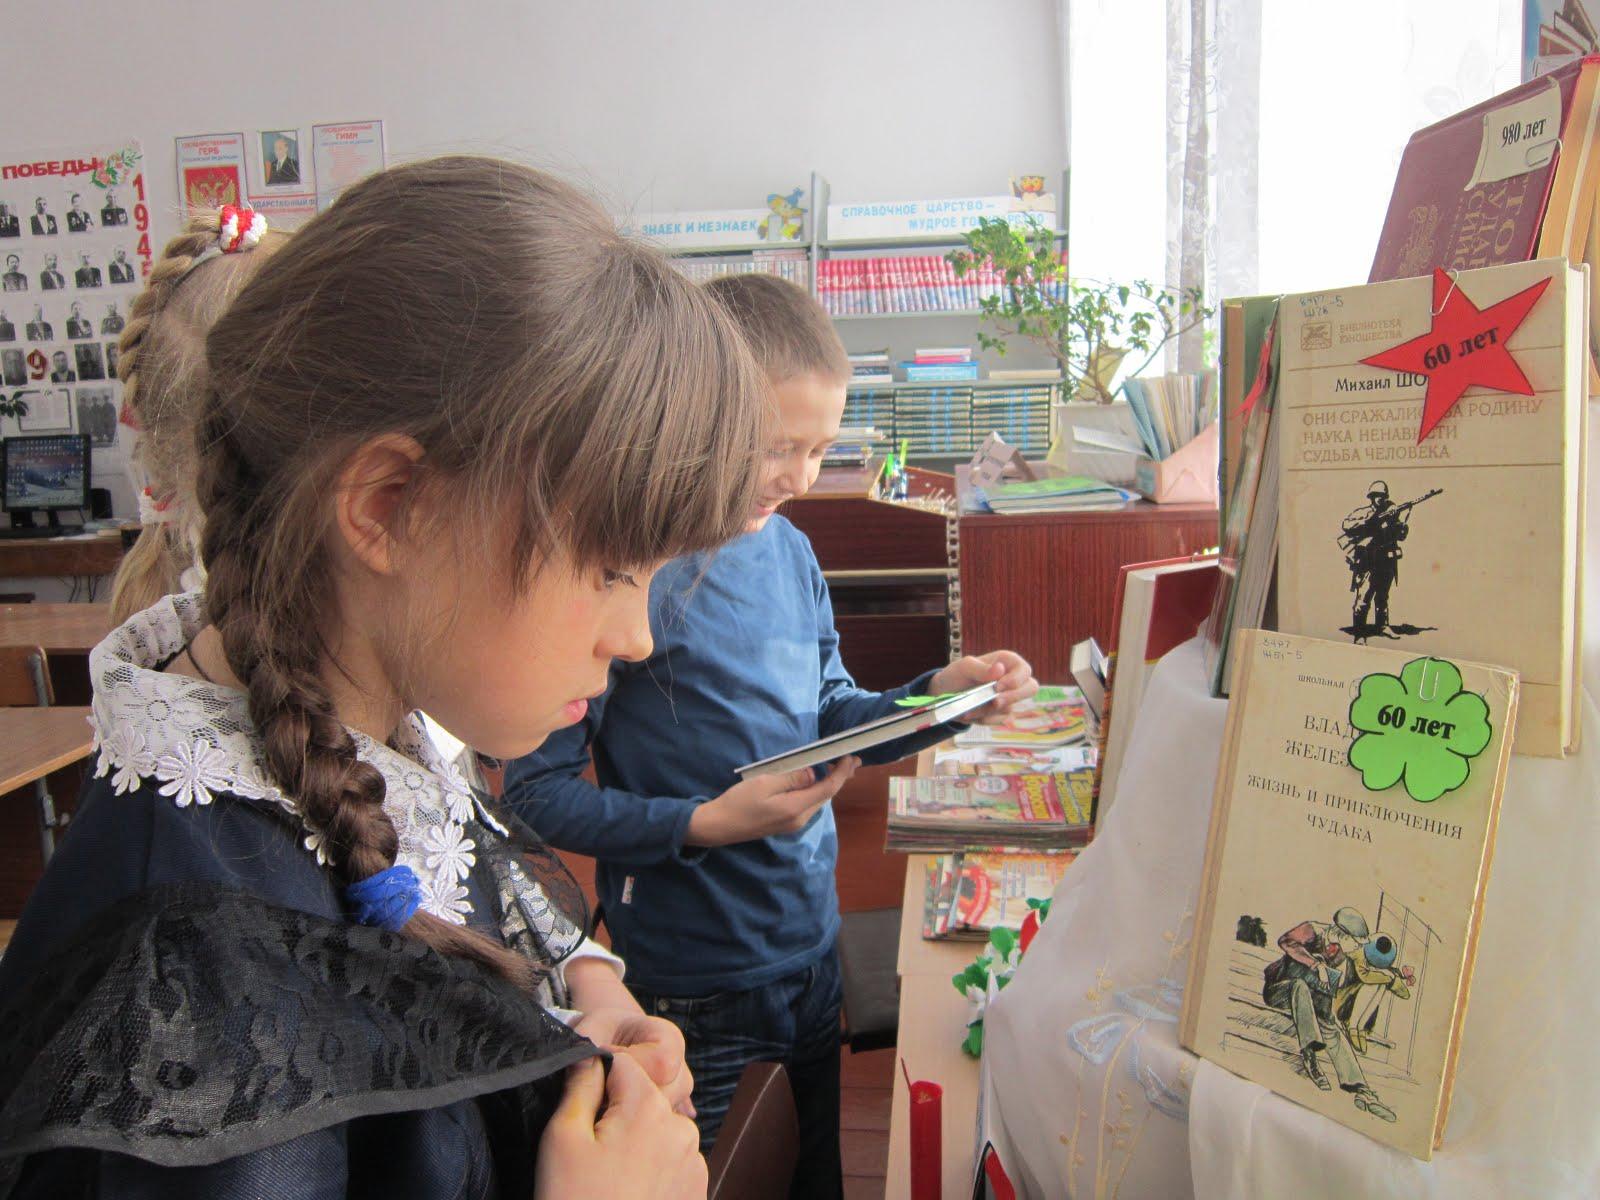 Наши друзья активно читают книги с юбилейной выставки